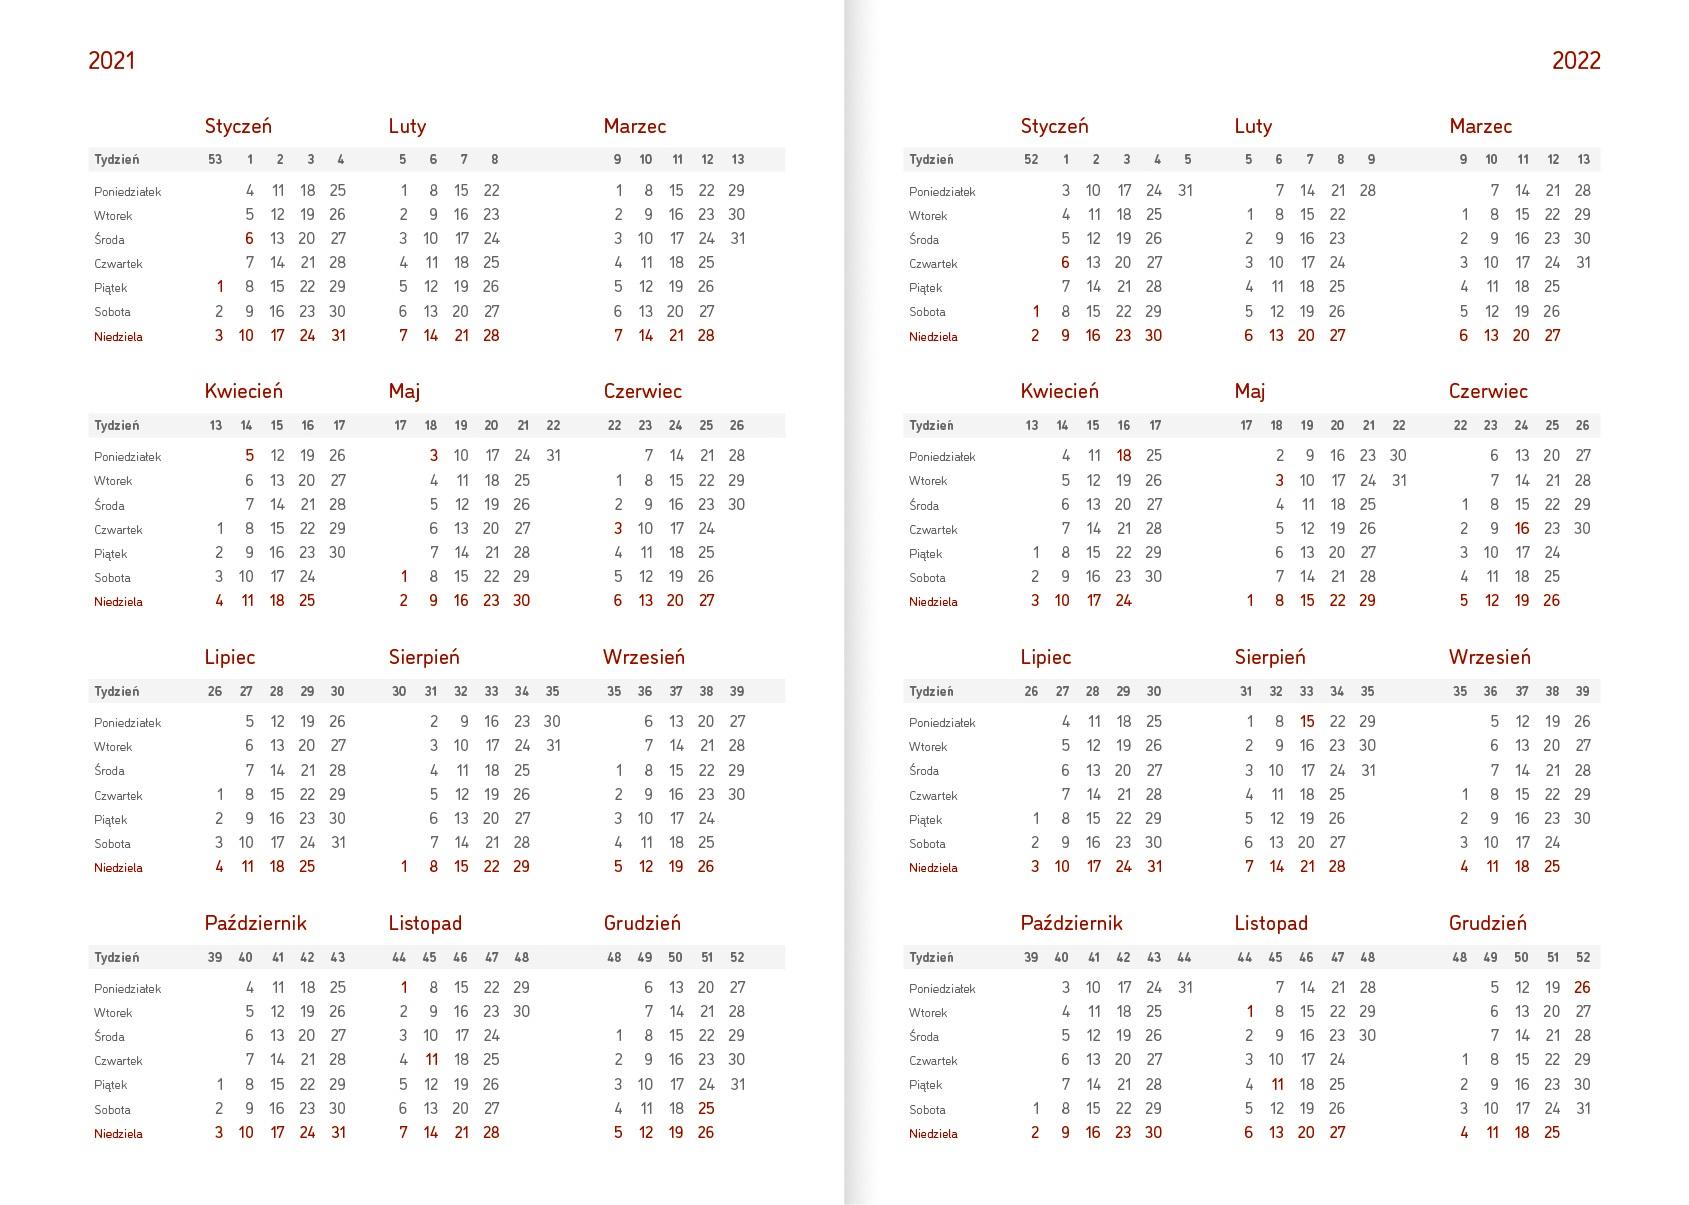 Kalendarz akademicki A5 tygodniowy-2022_A5_tygodniowy_01